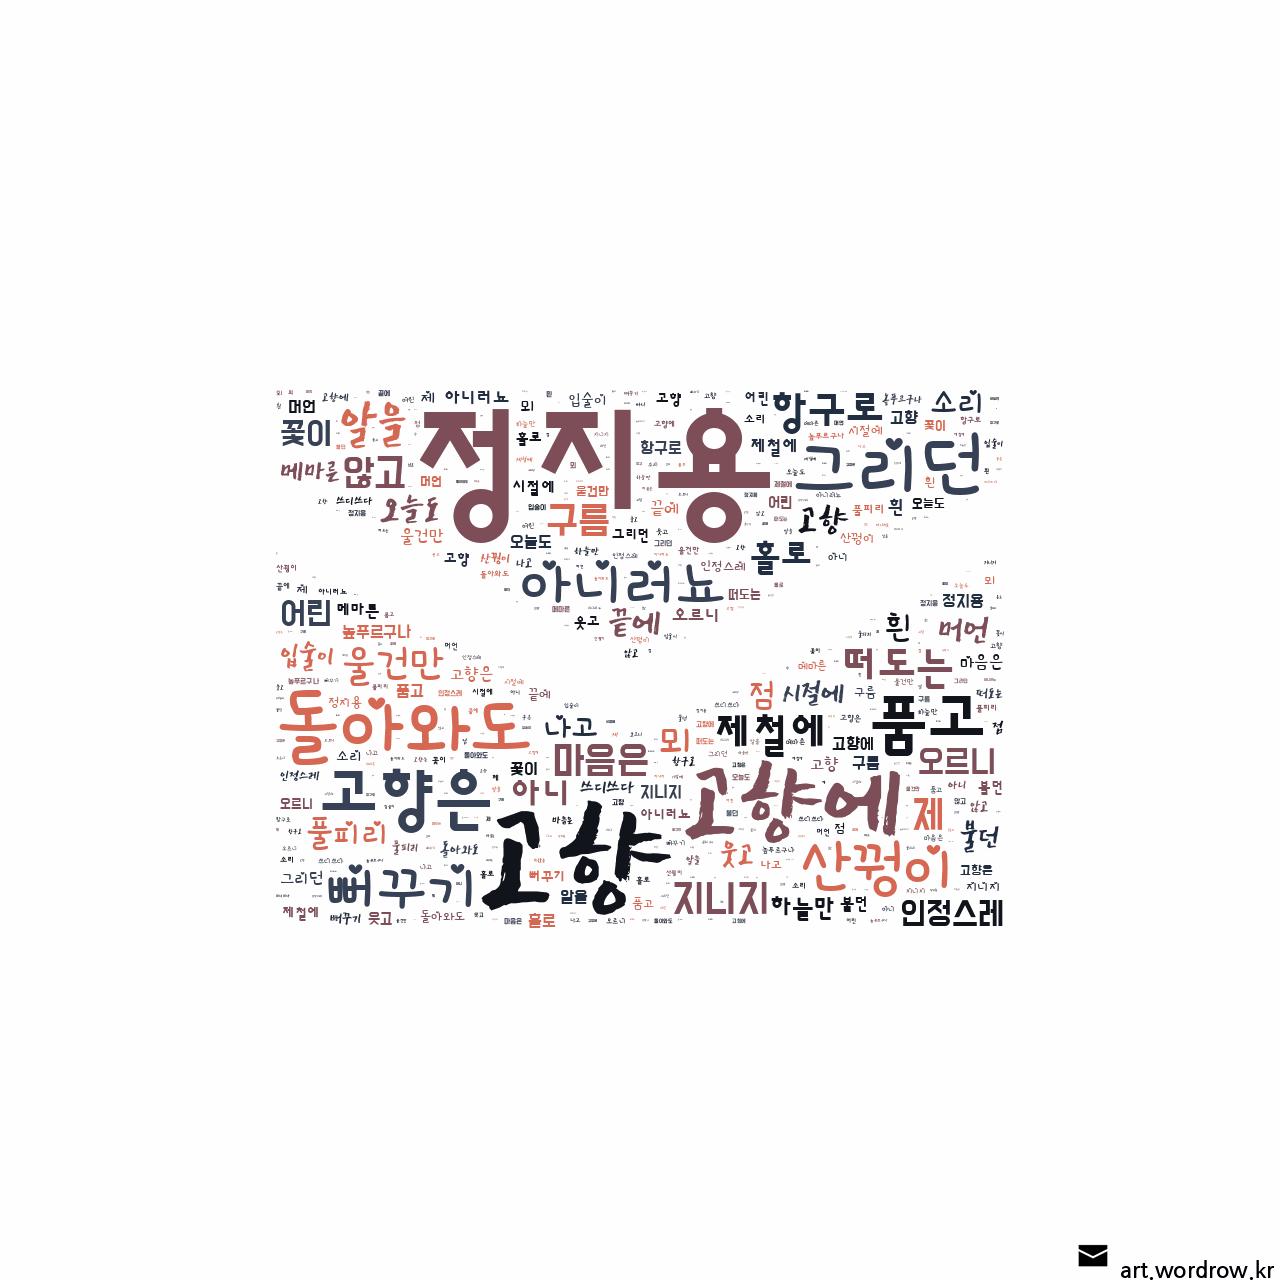 워드 아트: 고향 [정지용]-15